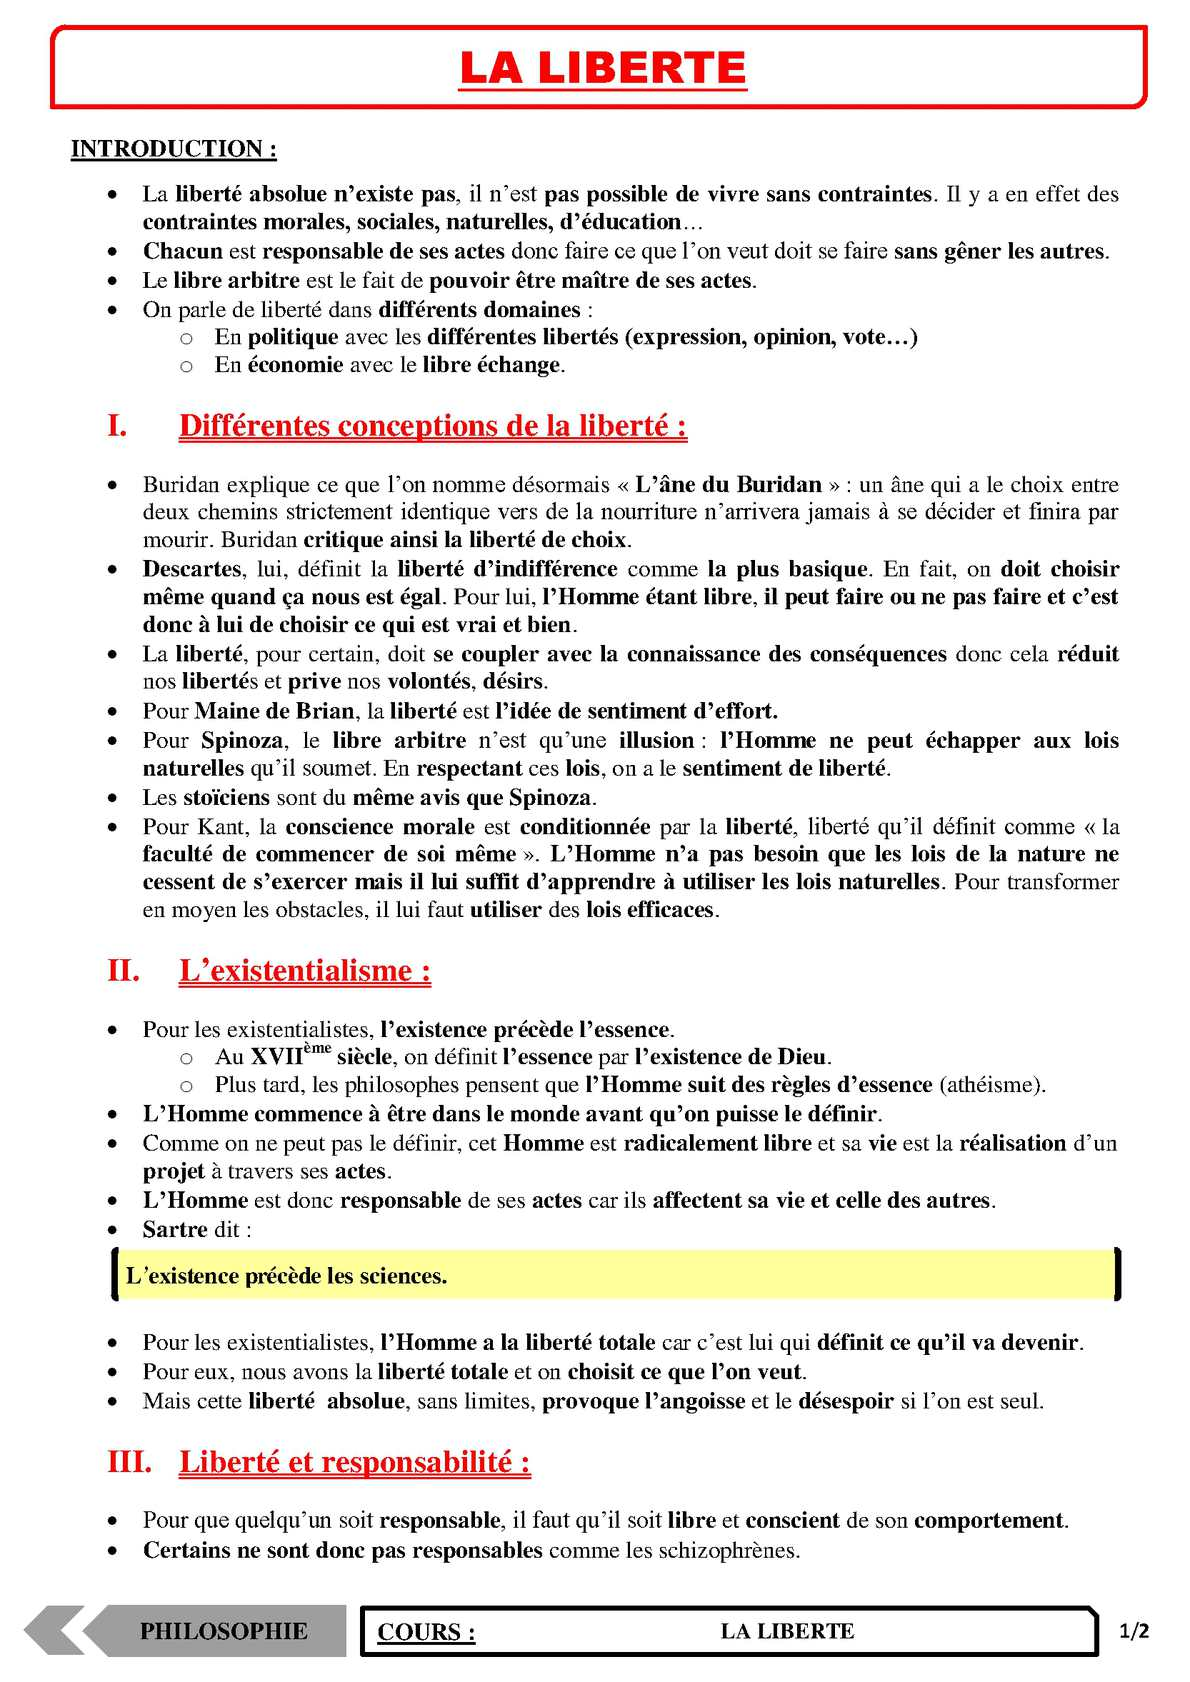 TS - PHILOSOPHIE – Le liberté | JéSky.fr